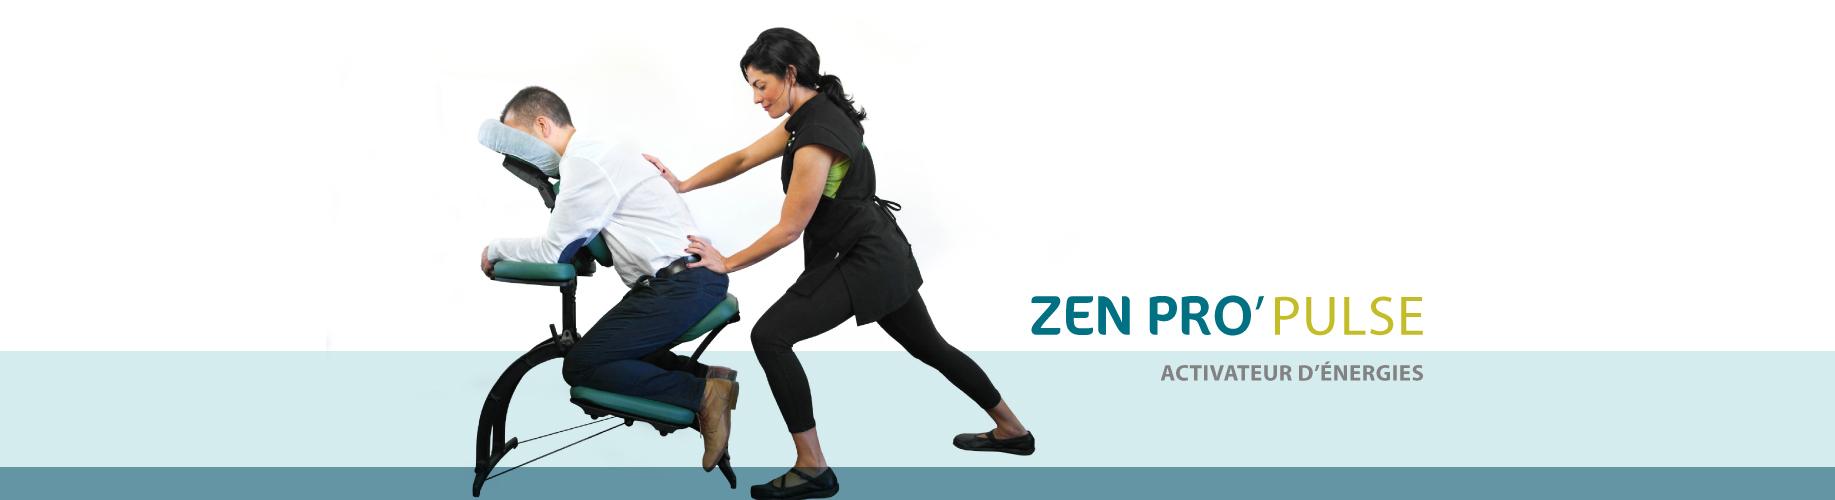 Zen-Zest massage en entreprises Nantes 44